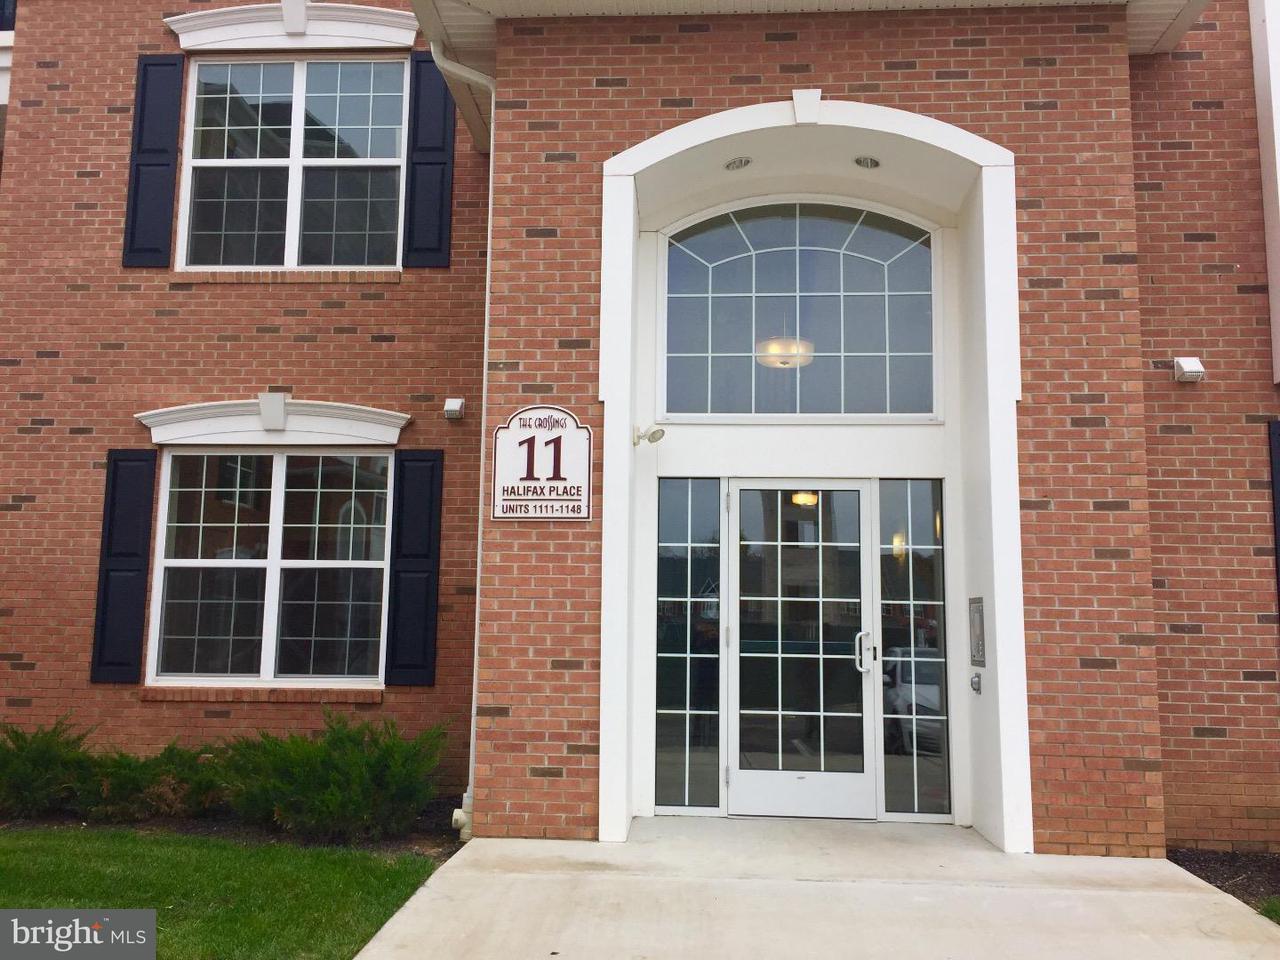 联栋屋 为 出租 在 1121 HALIFAX Place 汉密尔顿, 新泽西州 08619 美国在/周边: Hamilton Township